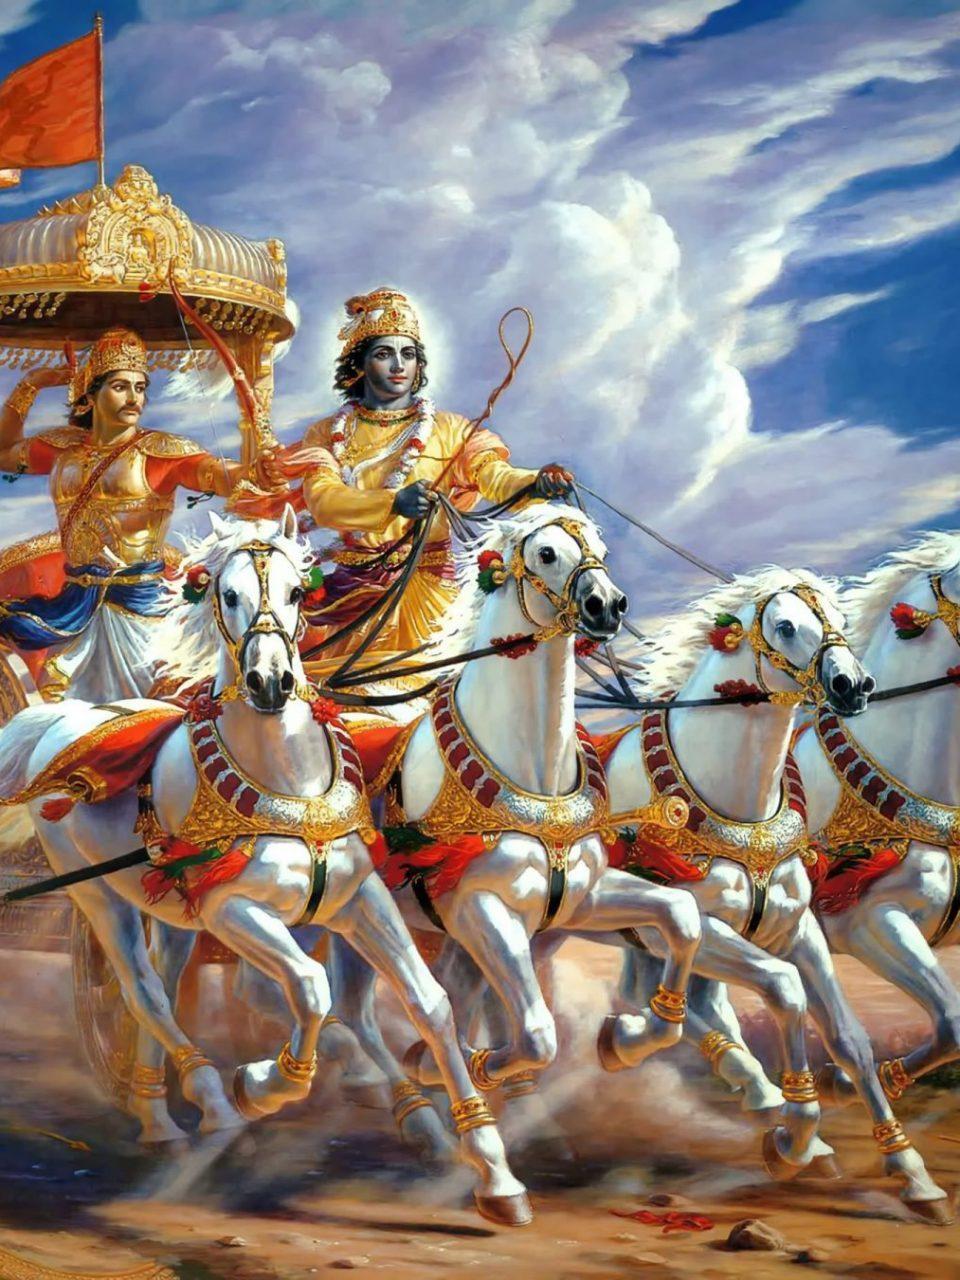 https://divinityworld.com/wp-content/uploads/2020/04/bhagavadgita-e1587625074886-960x1280.jpg